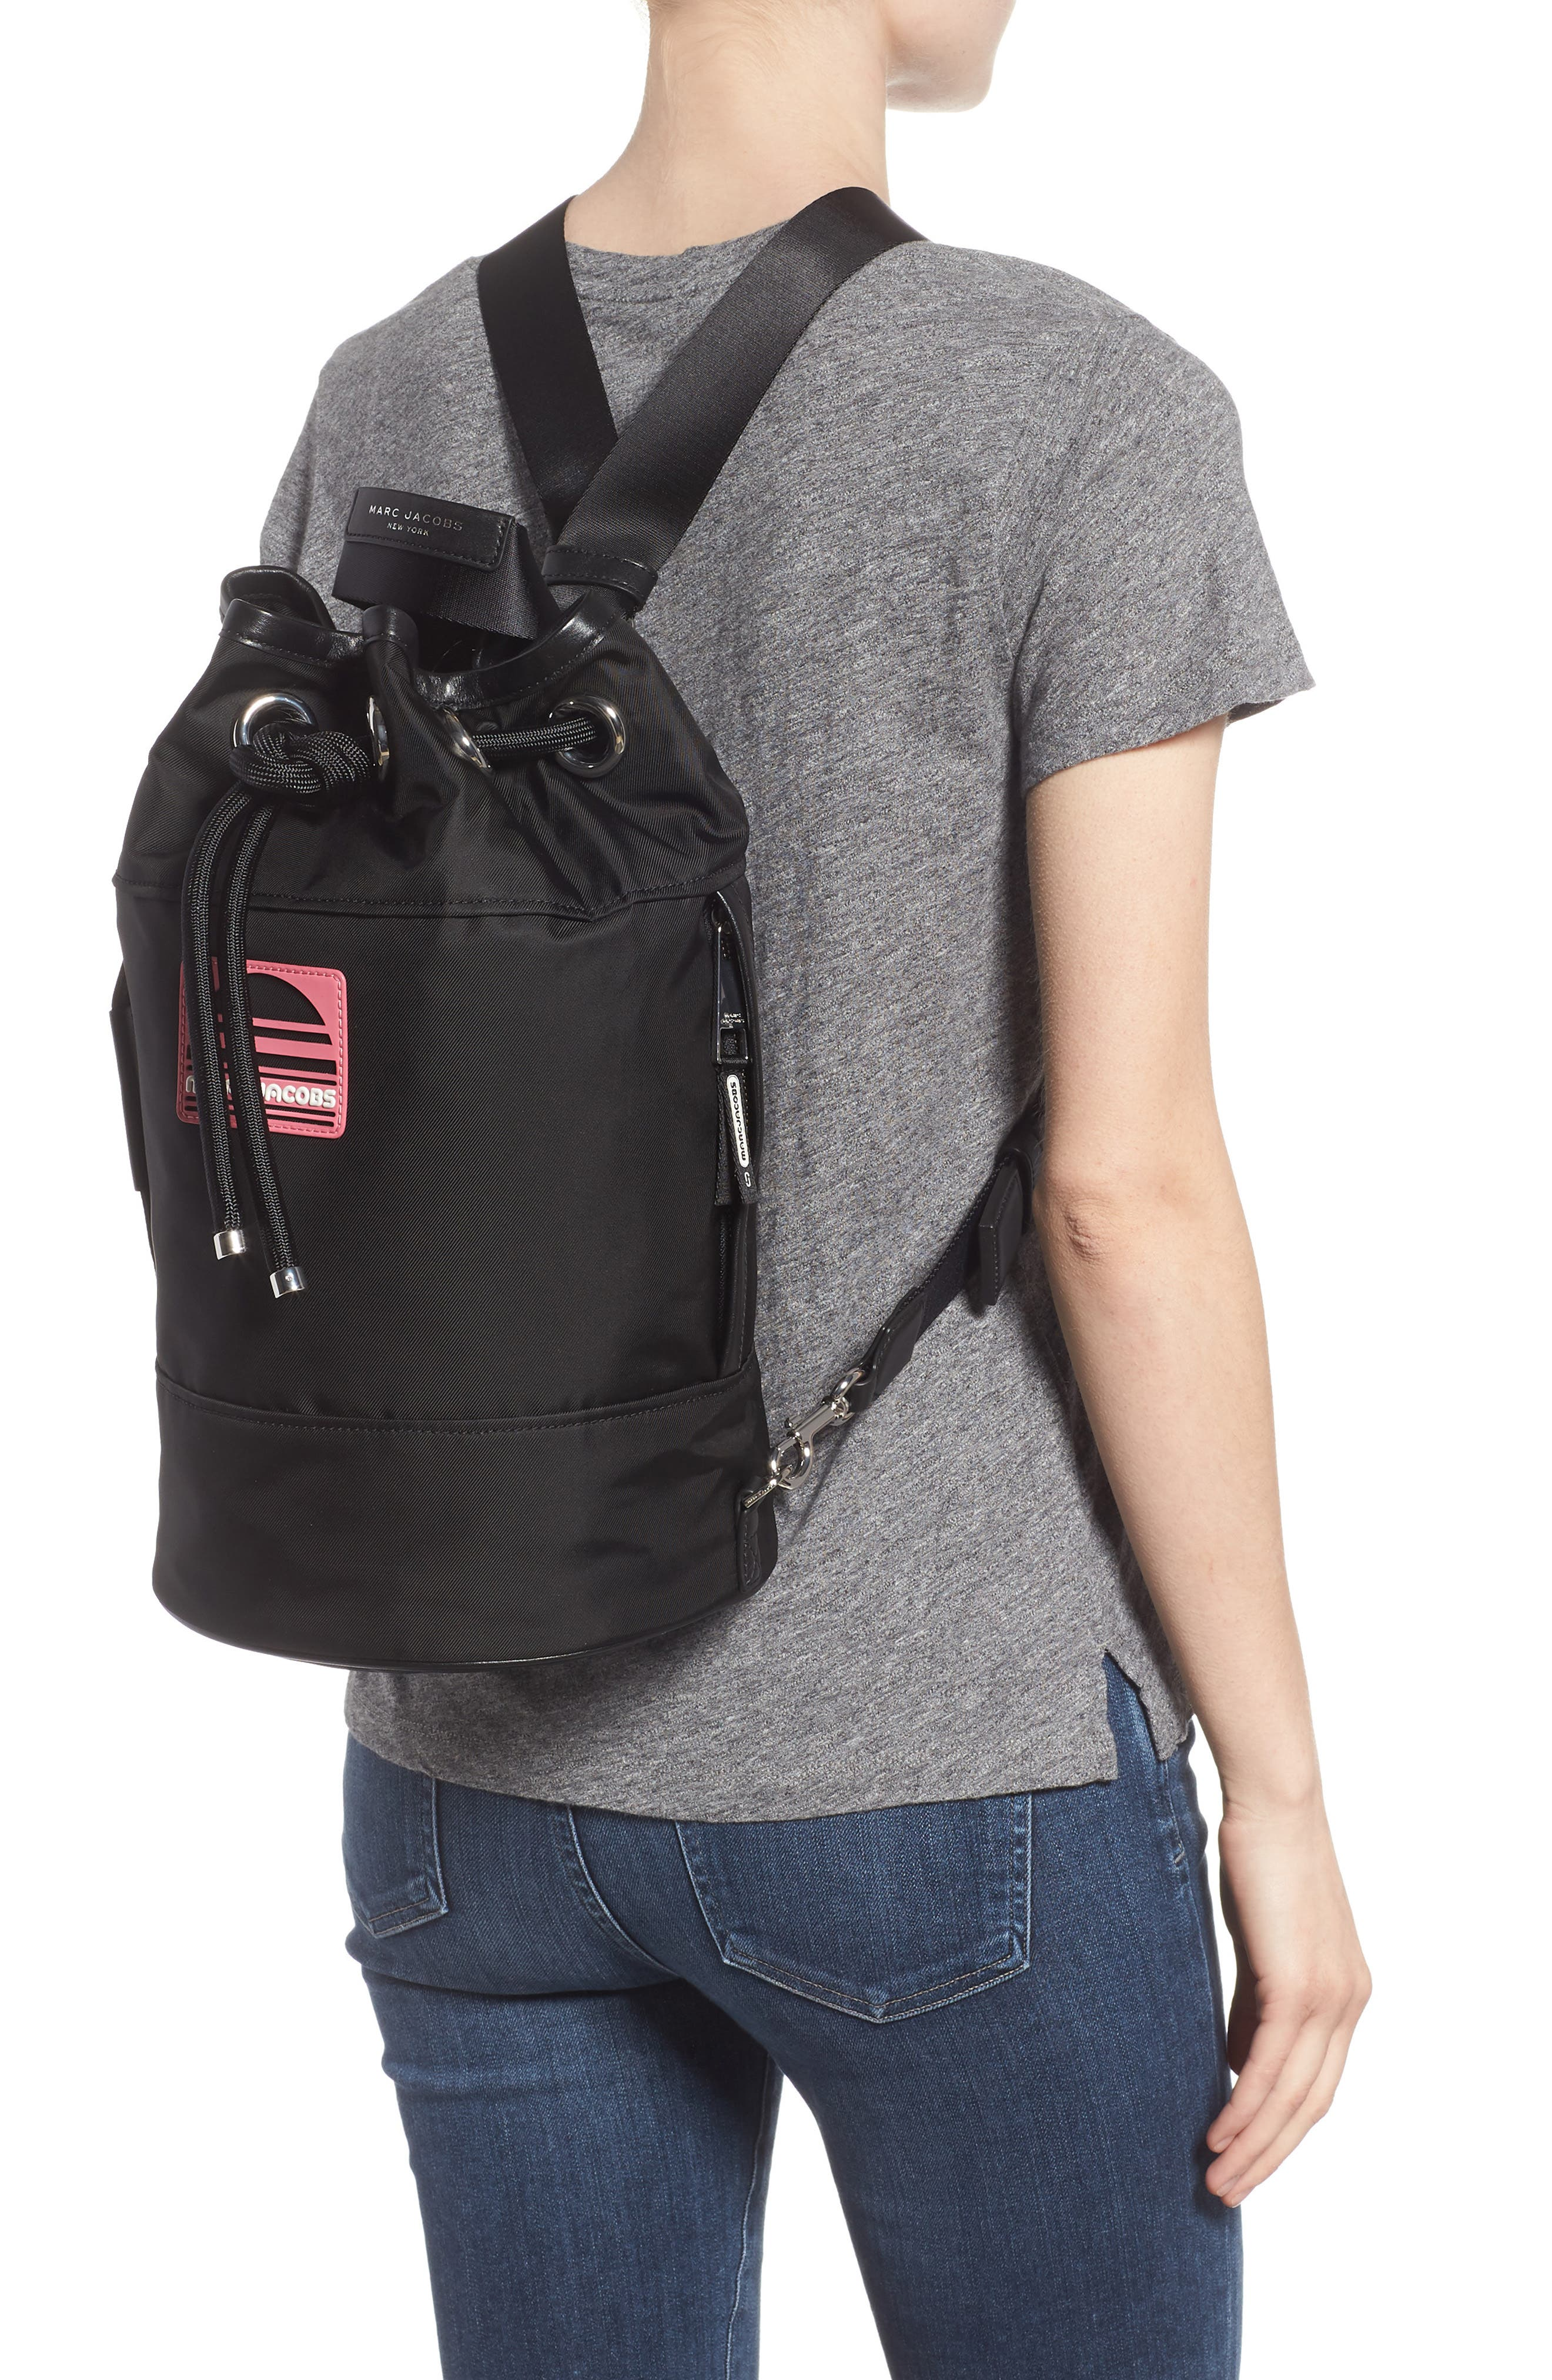 Nylon Sport Sling Bag,                             Alternate thumbnail 2, color,                             BLACK